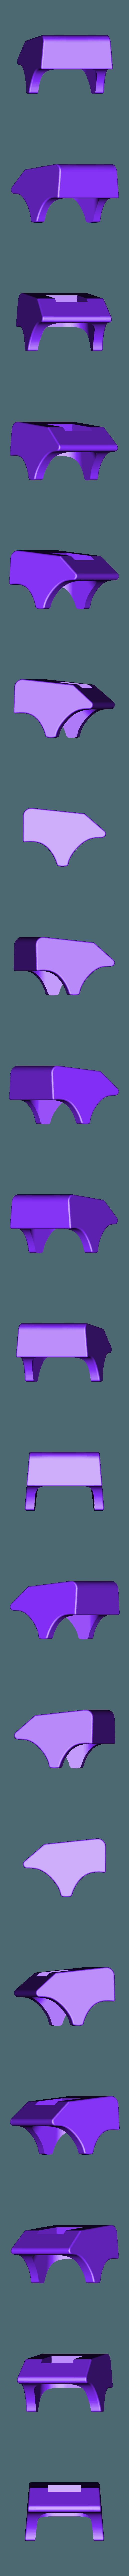 Mid_Cover.stl Télécharger fichier STL gratuit Mario + Lapins Crétins - Plumer's Helper Boomshot • Modèle pour impression 3D, Dsk